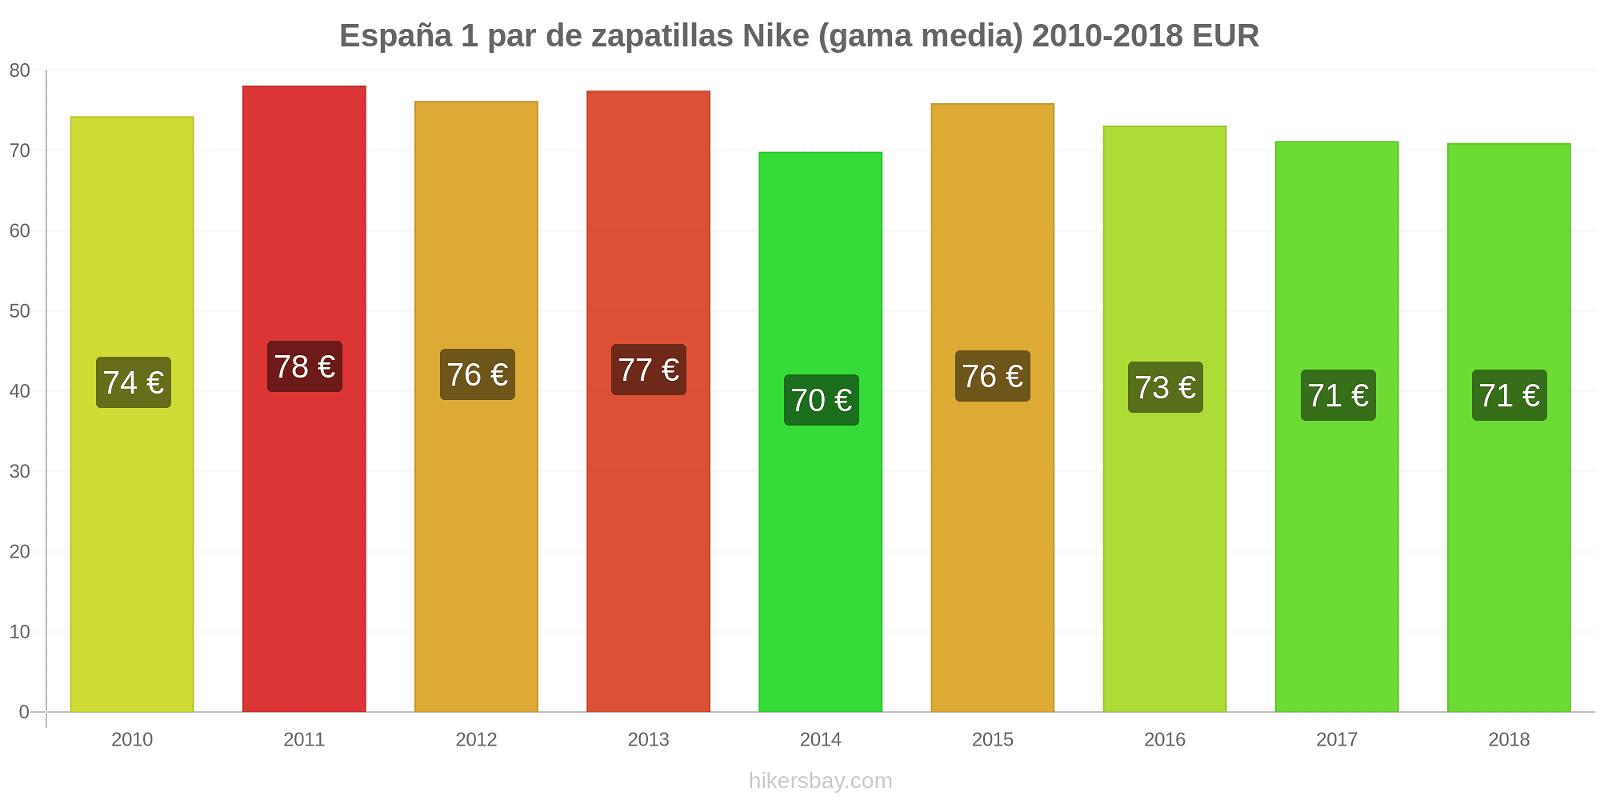 España cambios de precios 1 par de zapatillas Nike (gama media) hikersbay.com